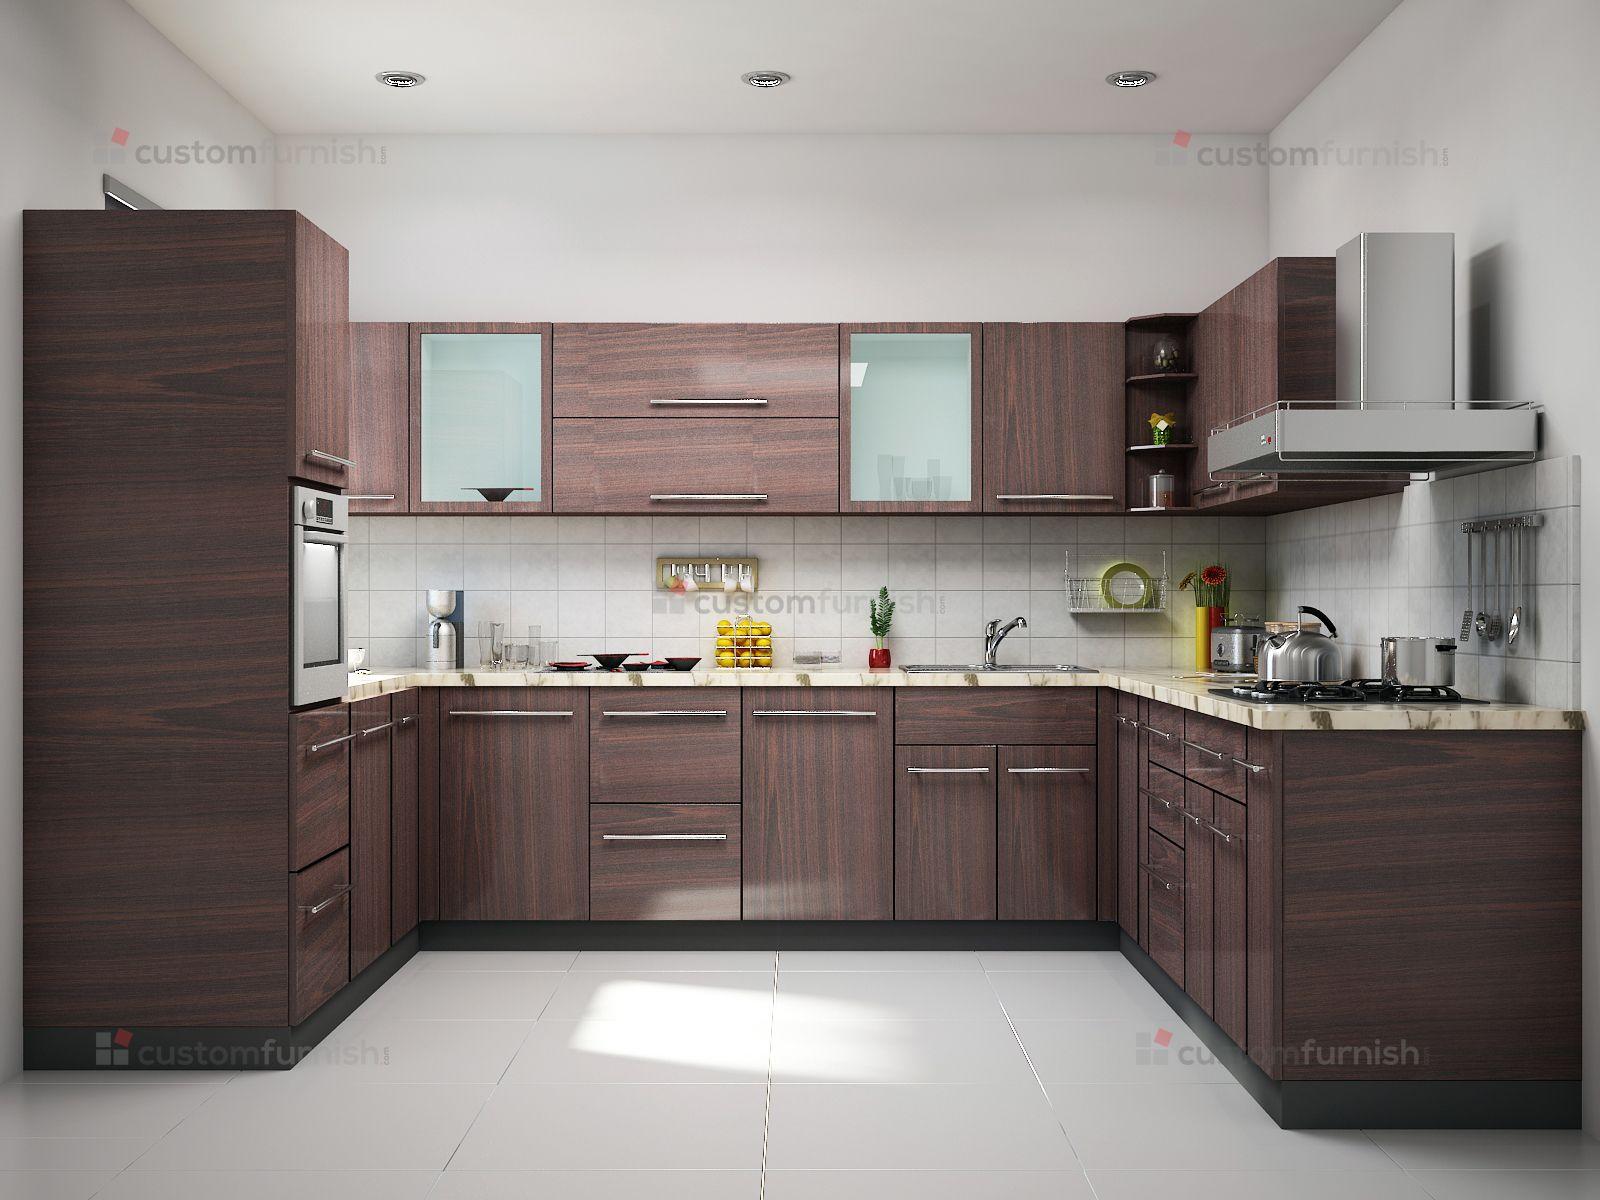 Brown U shaped kitchen design Kitchen furniture design